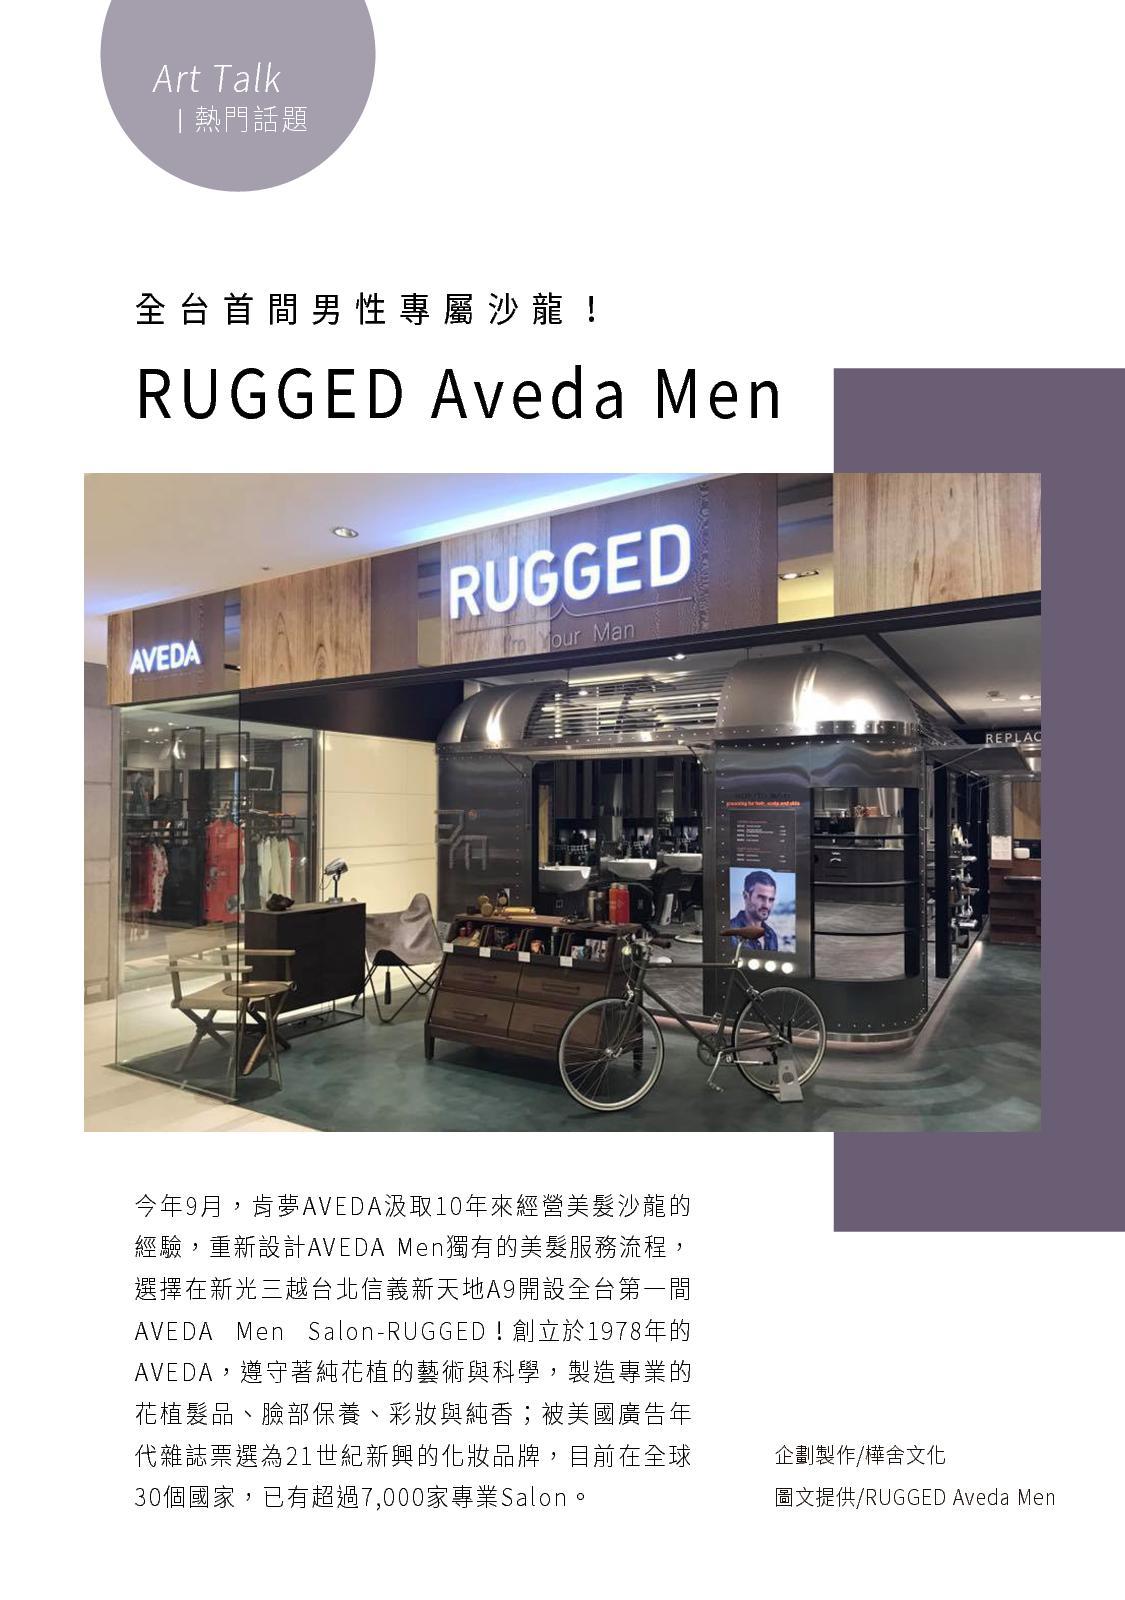 潮流觀點2017 Sep.AVEDA Men Salon-RUGGED